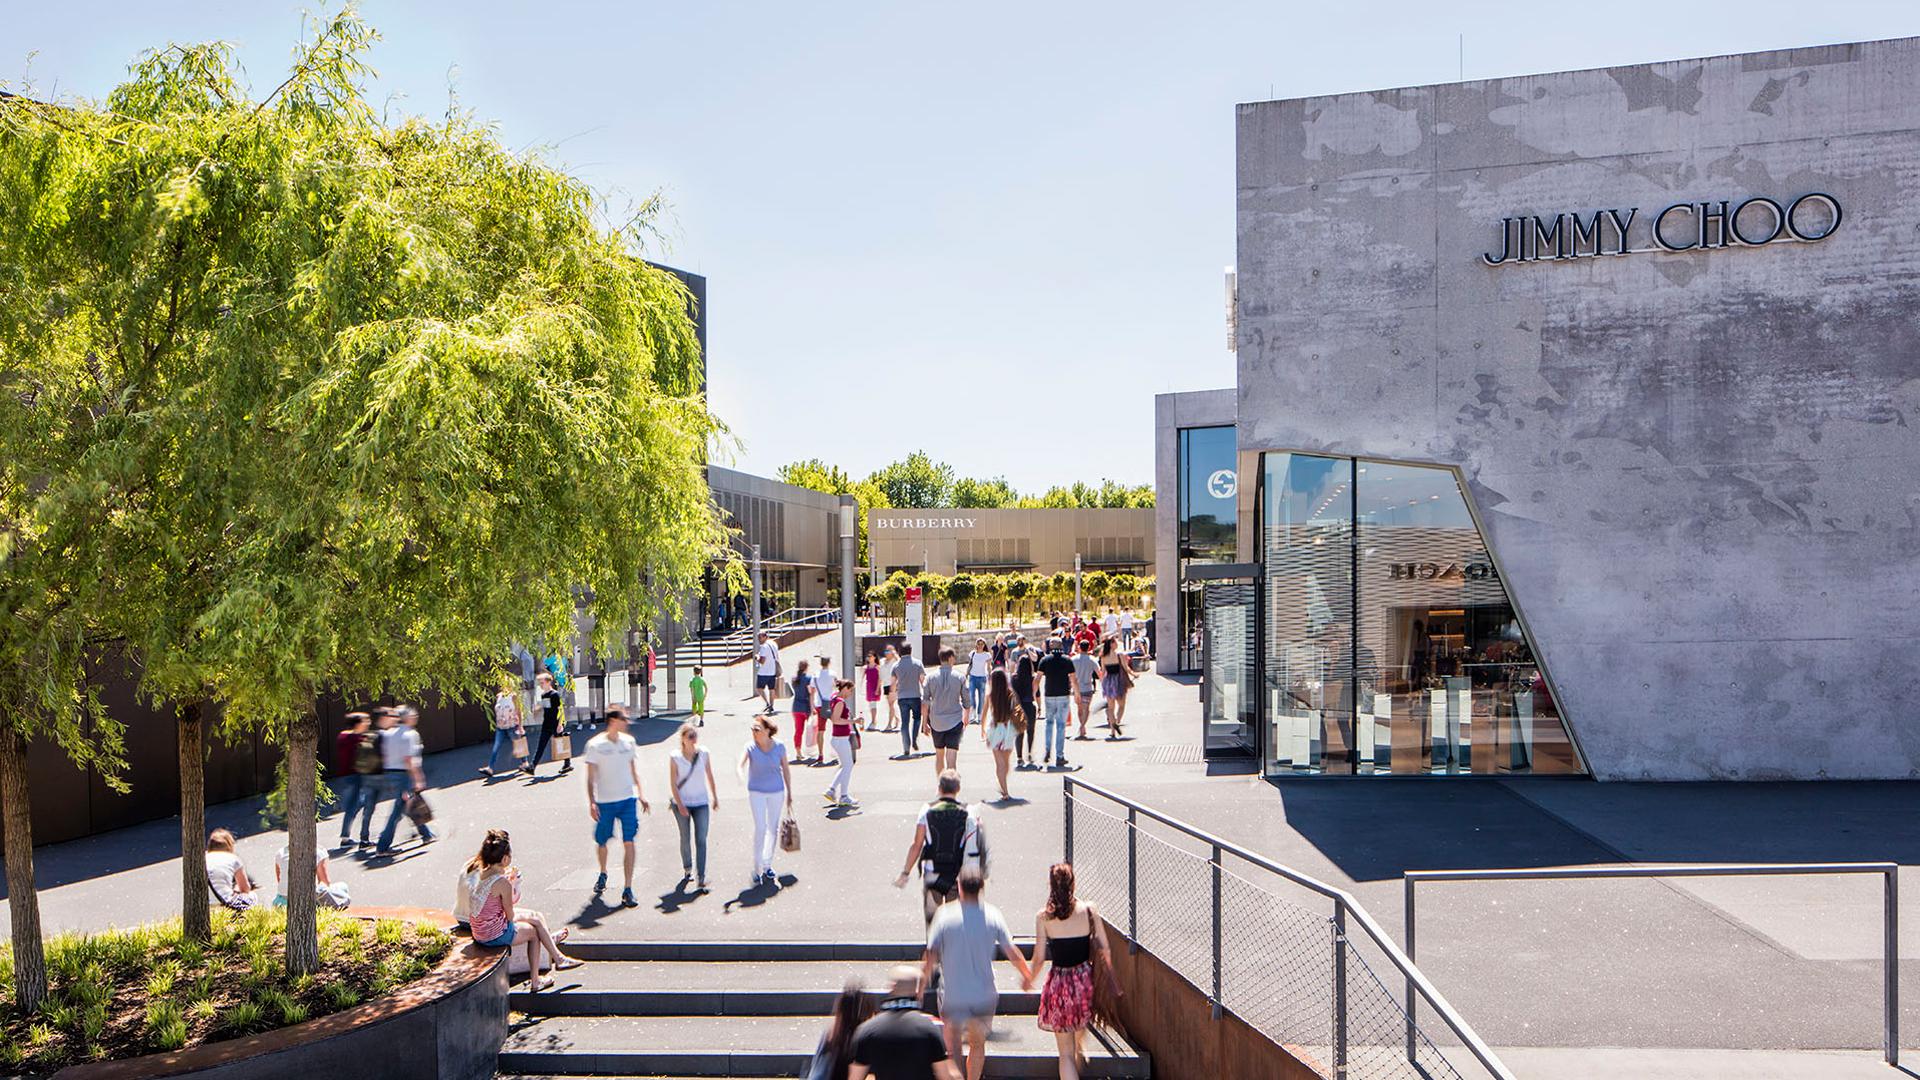 Auf einer Treppe und einer Straße sind viel Menschen mit Einkaufstüten, links steht ein großer Baum, rechts ein Fabrikverkaufsgebäude